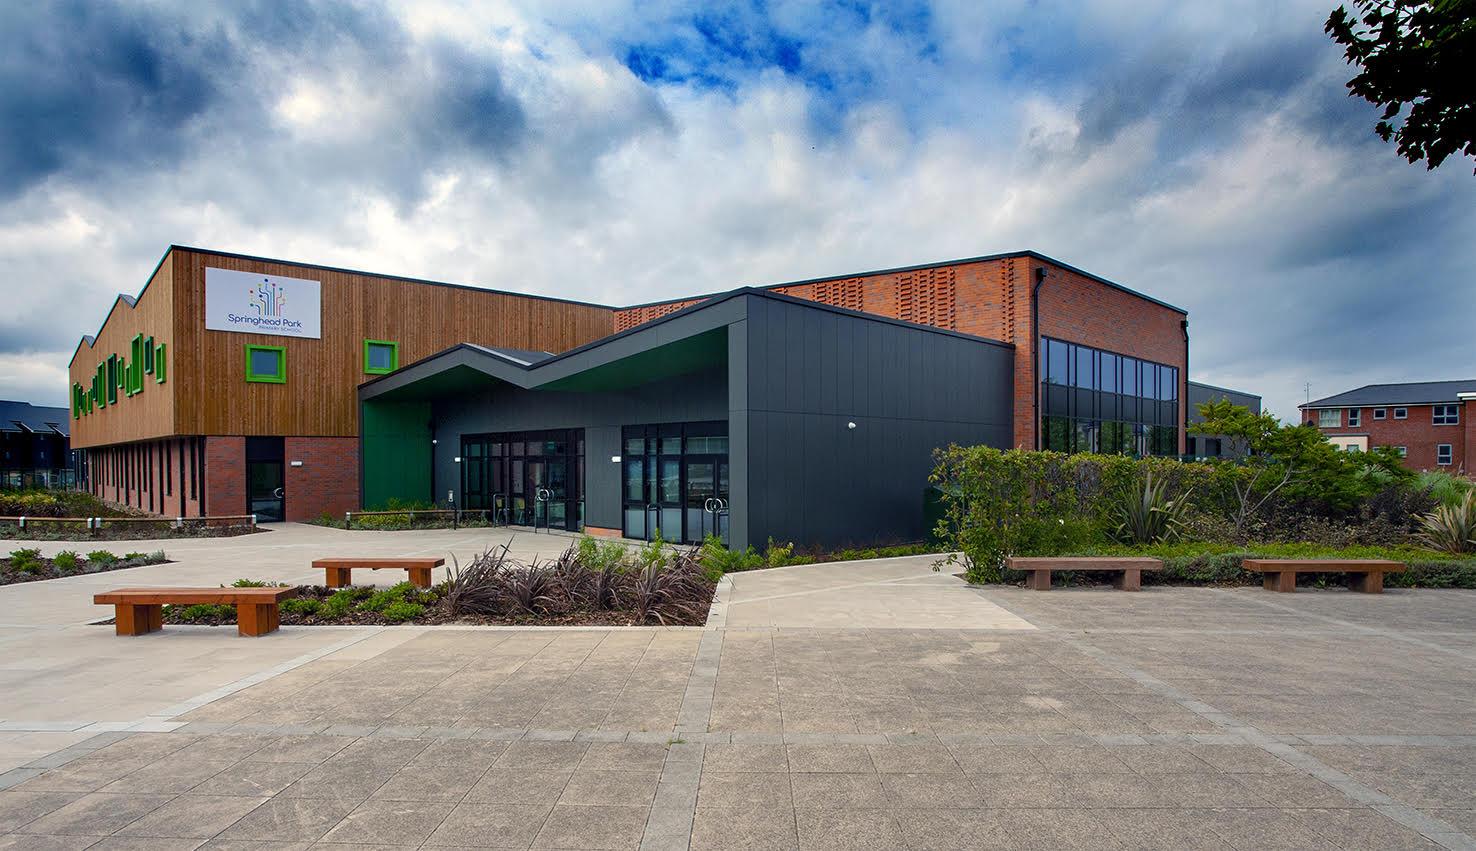 The Springhead Park Primary School, in Northfleet, Kent